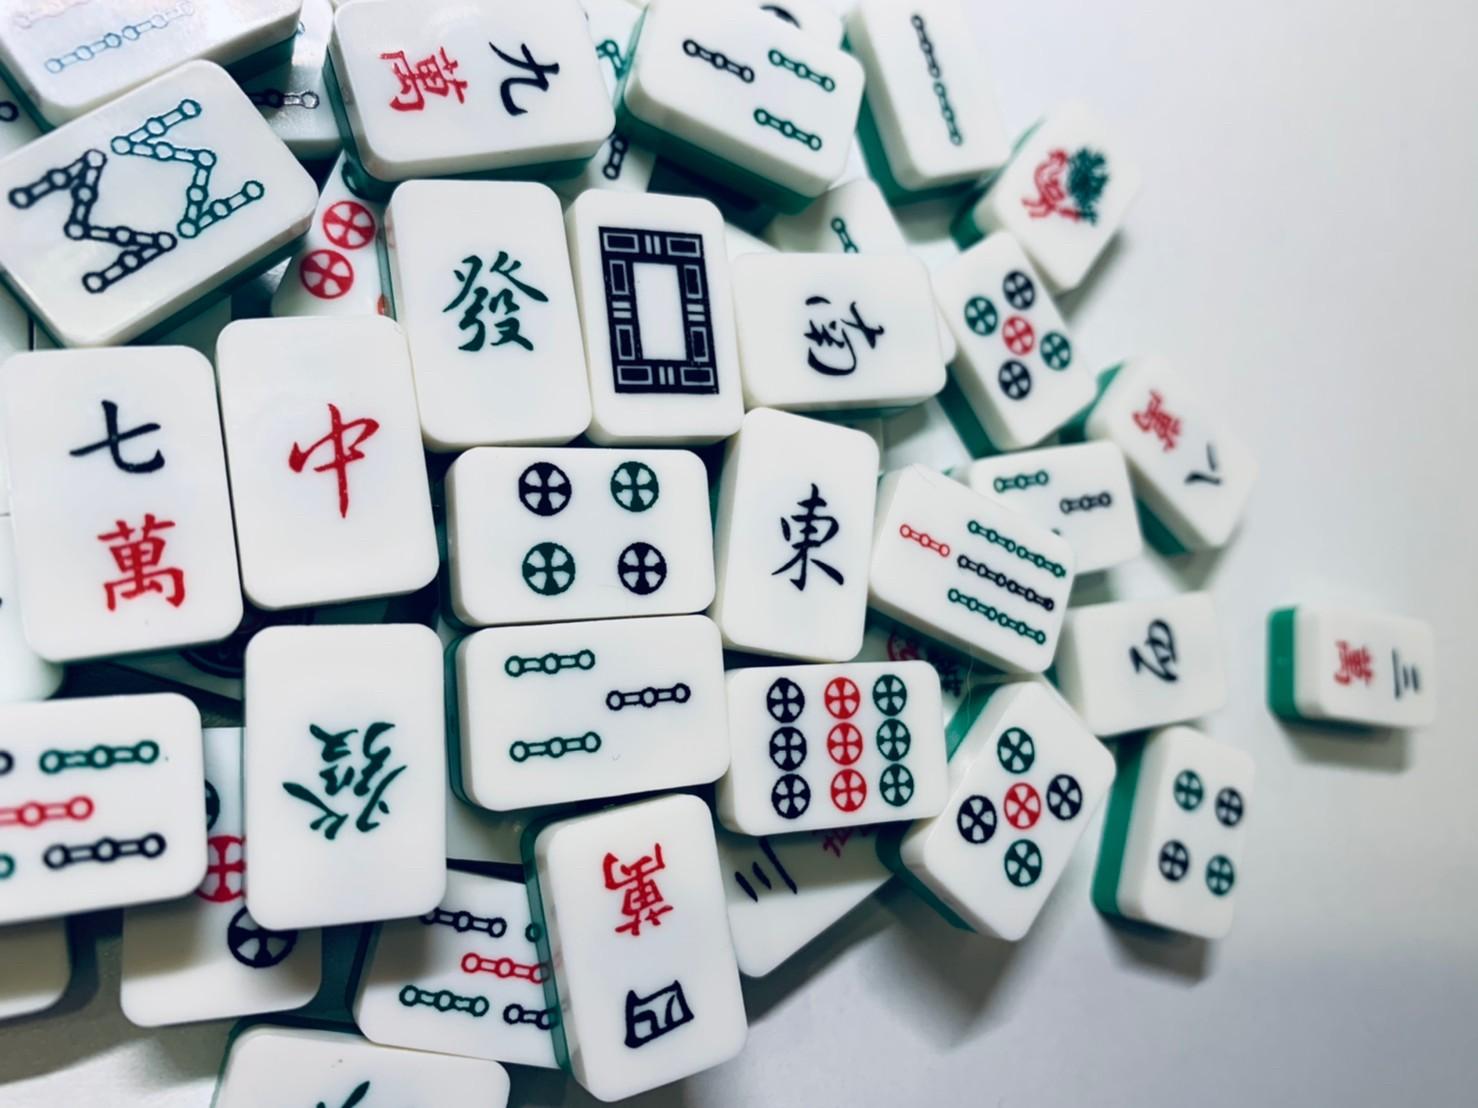 香港麻雀十三么13國士無雙 組合牌型